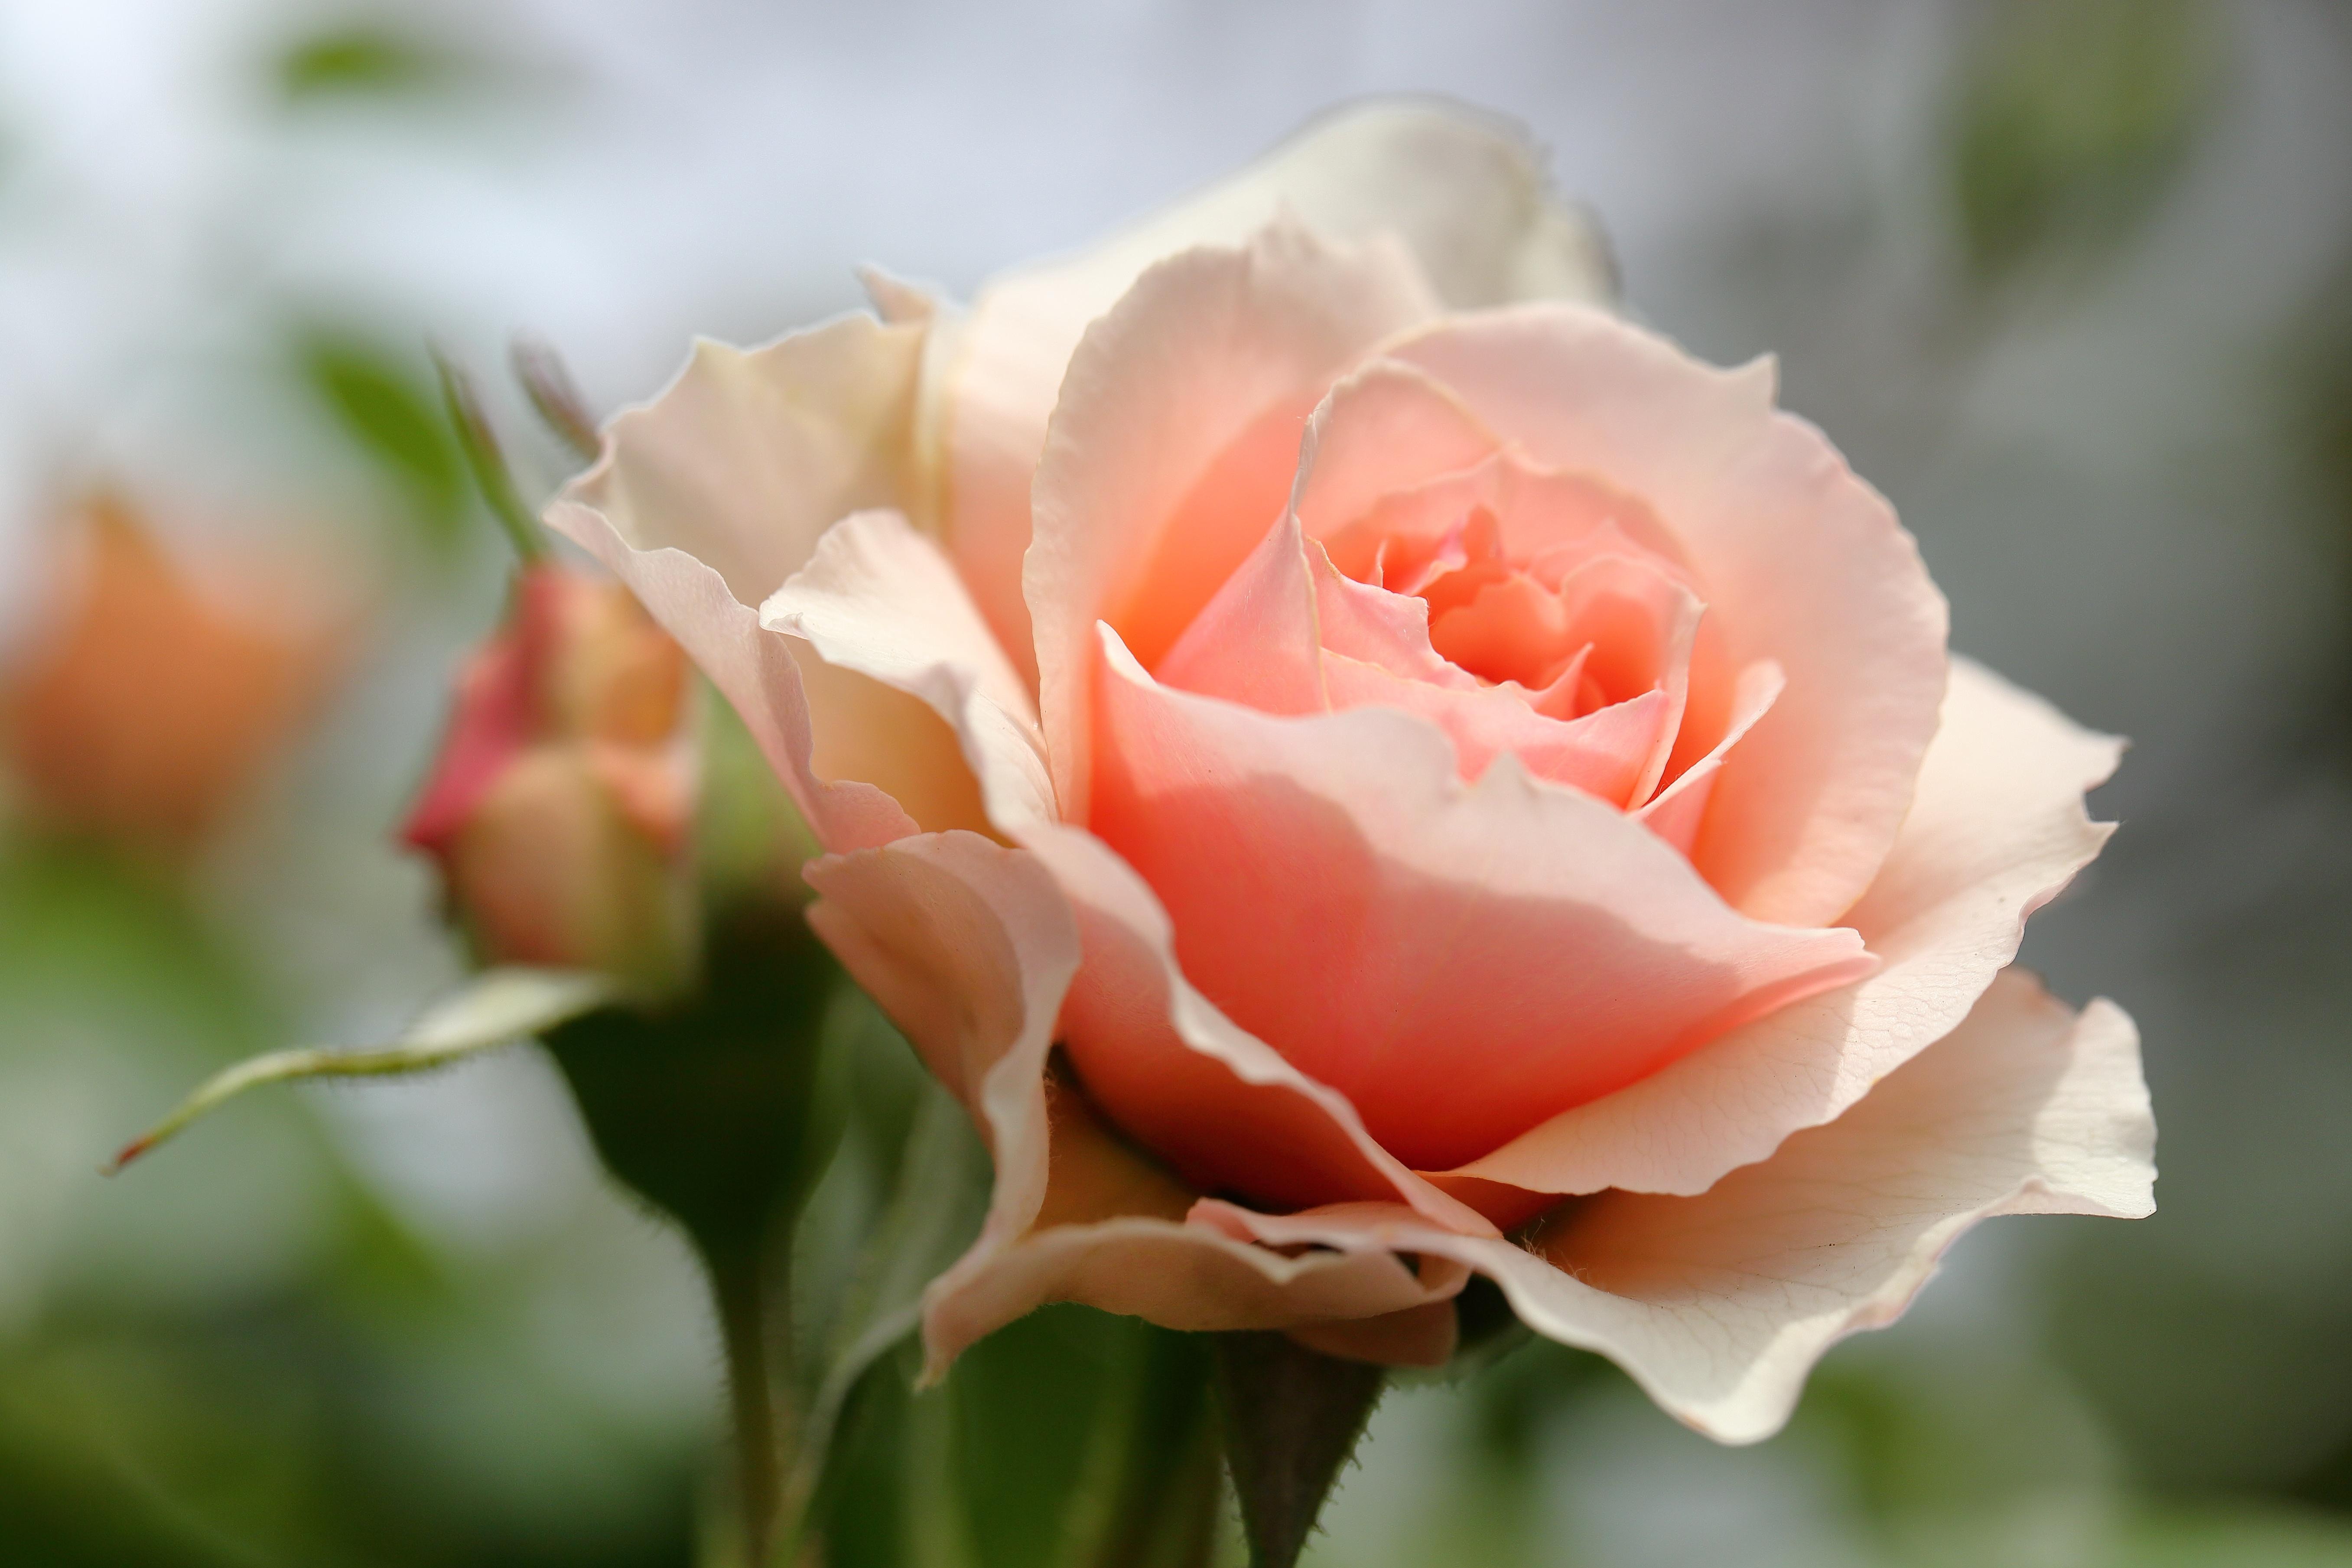 цветения открытка одна крупная роза это